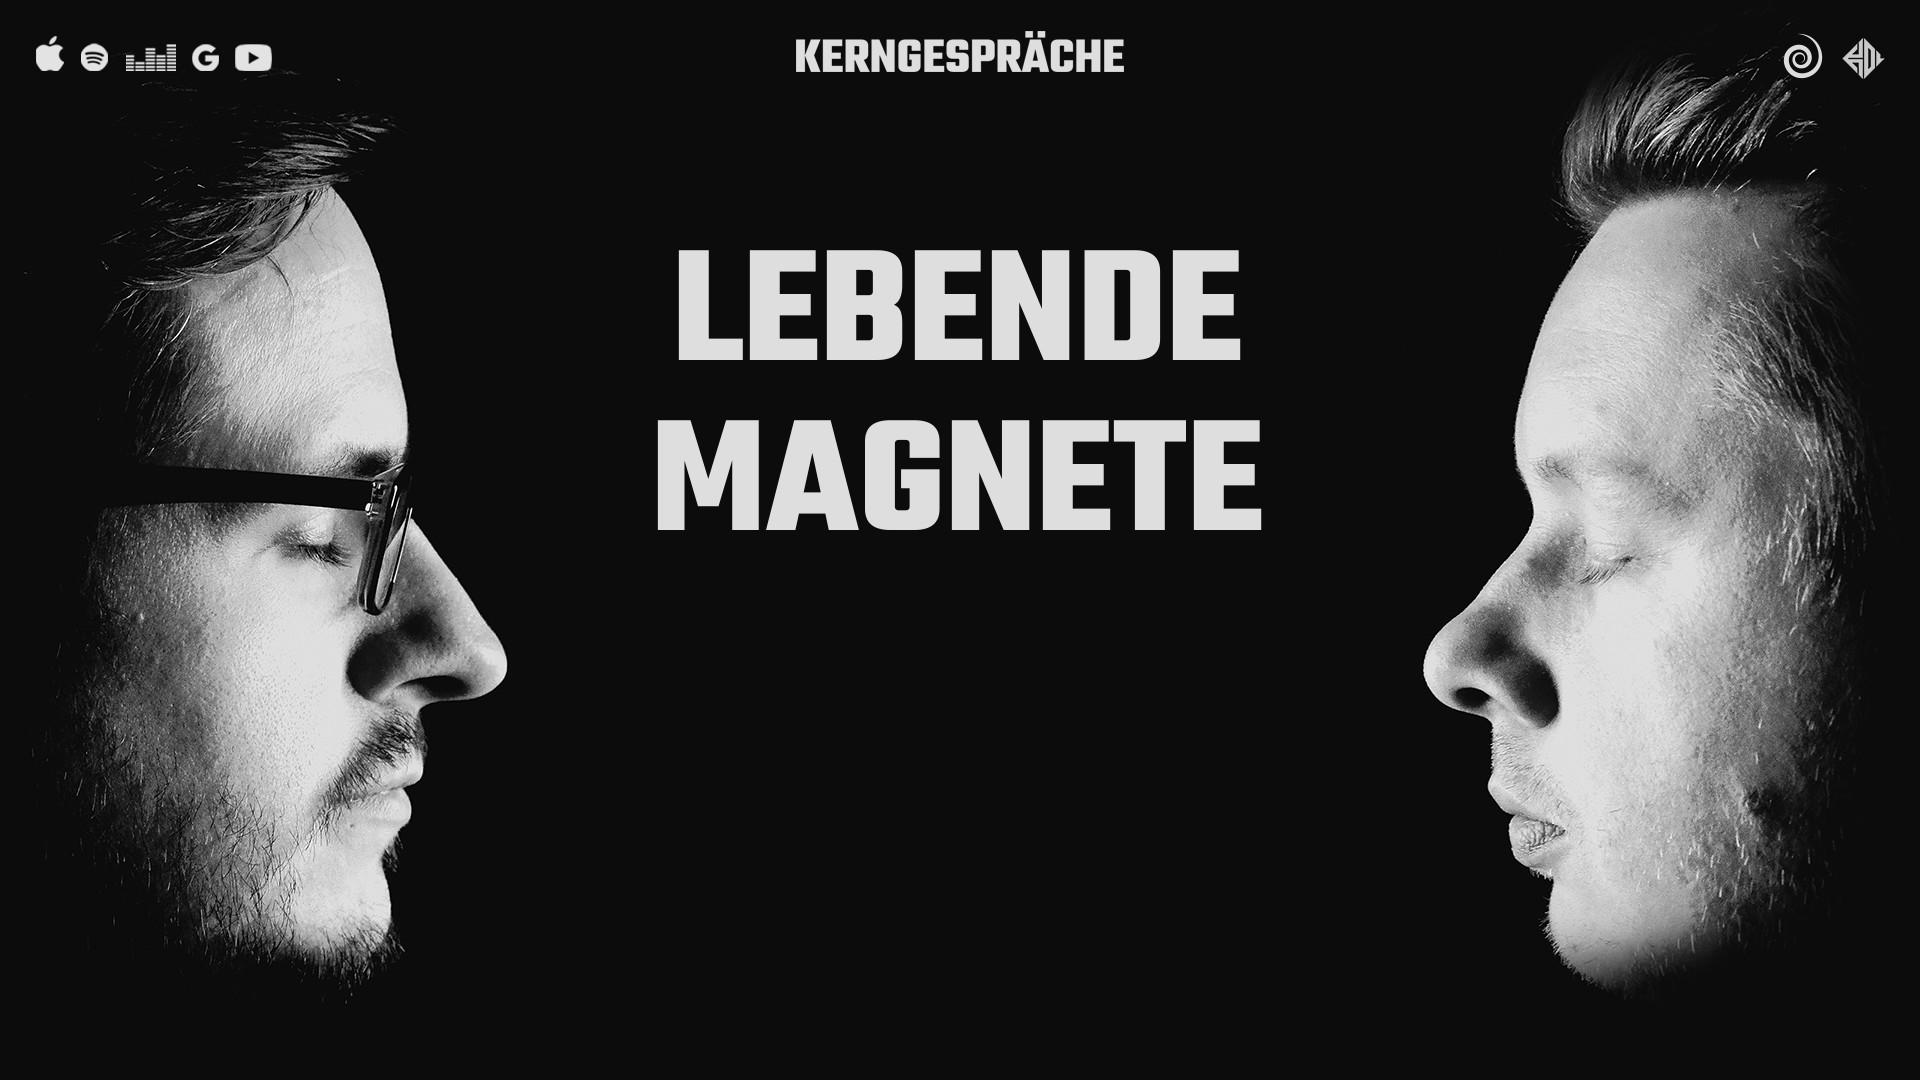 Lebende Magnete: Das Gesetz der Anziehung